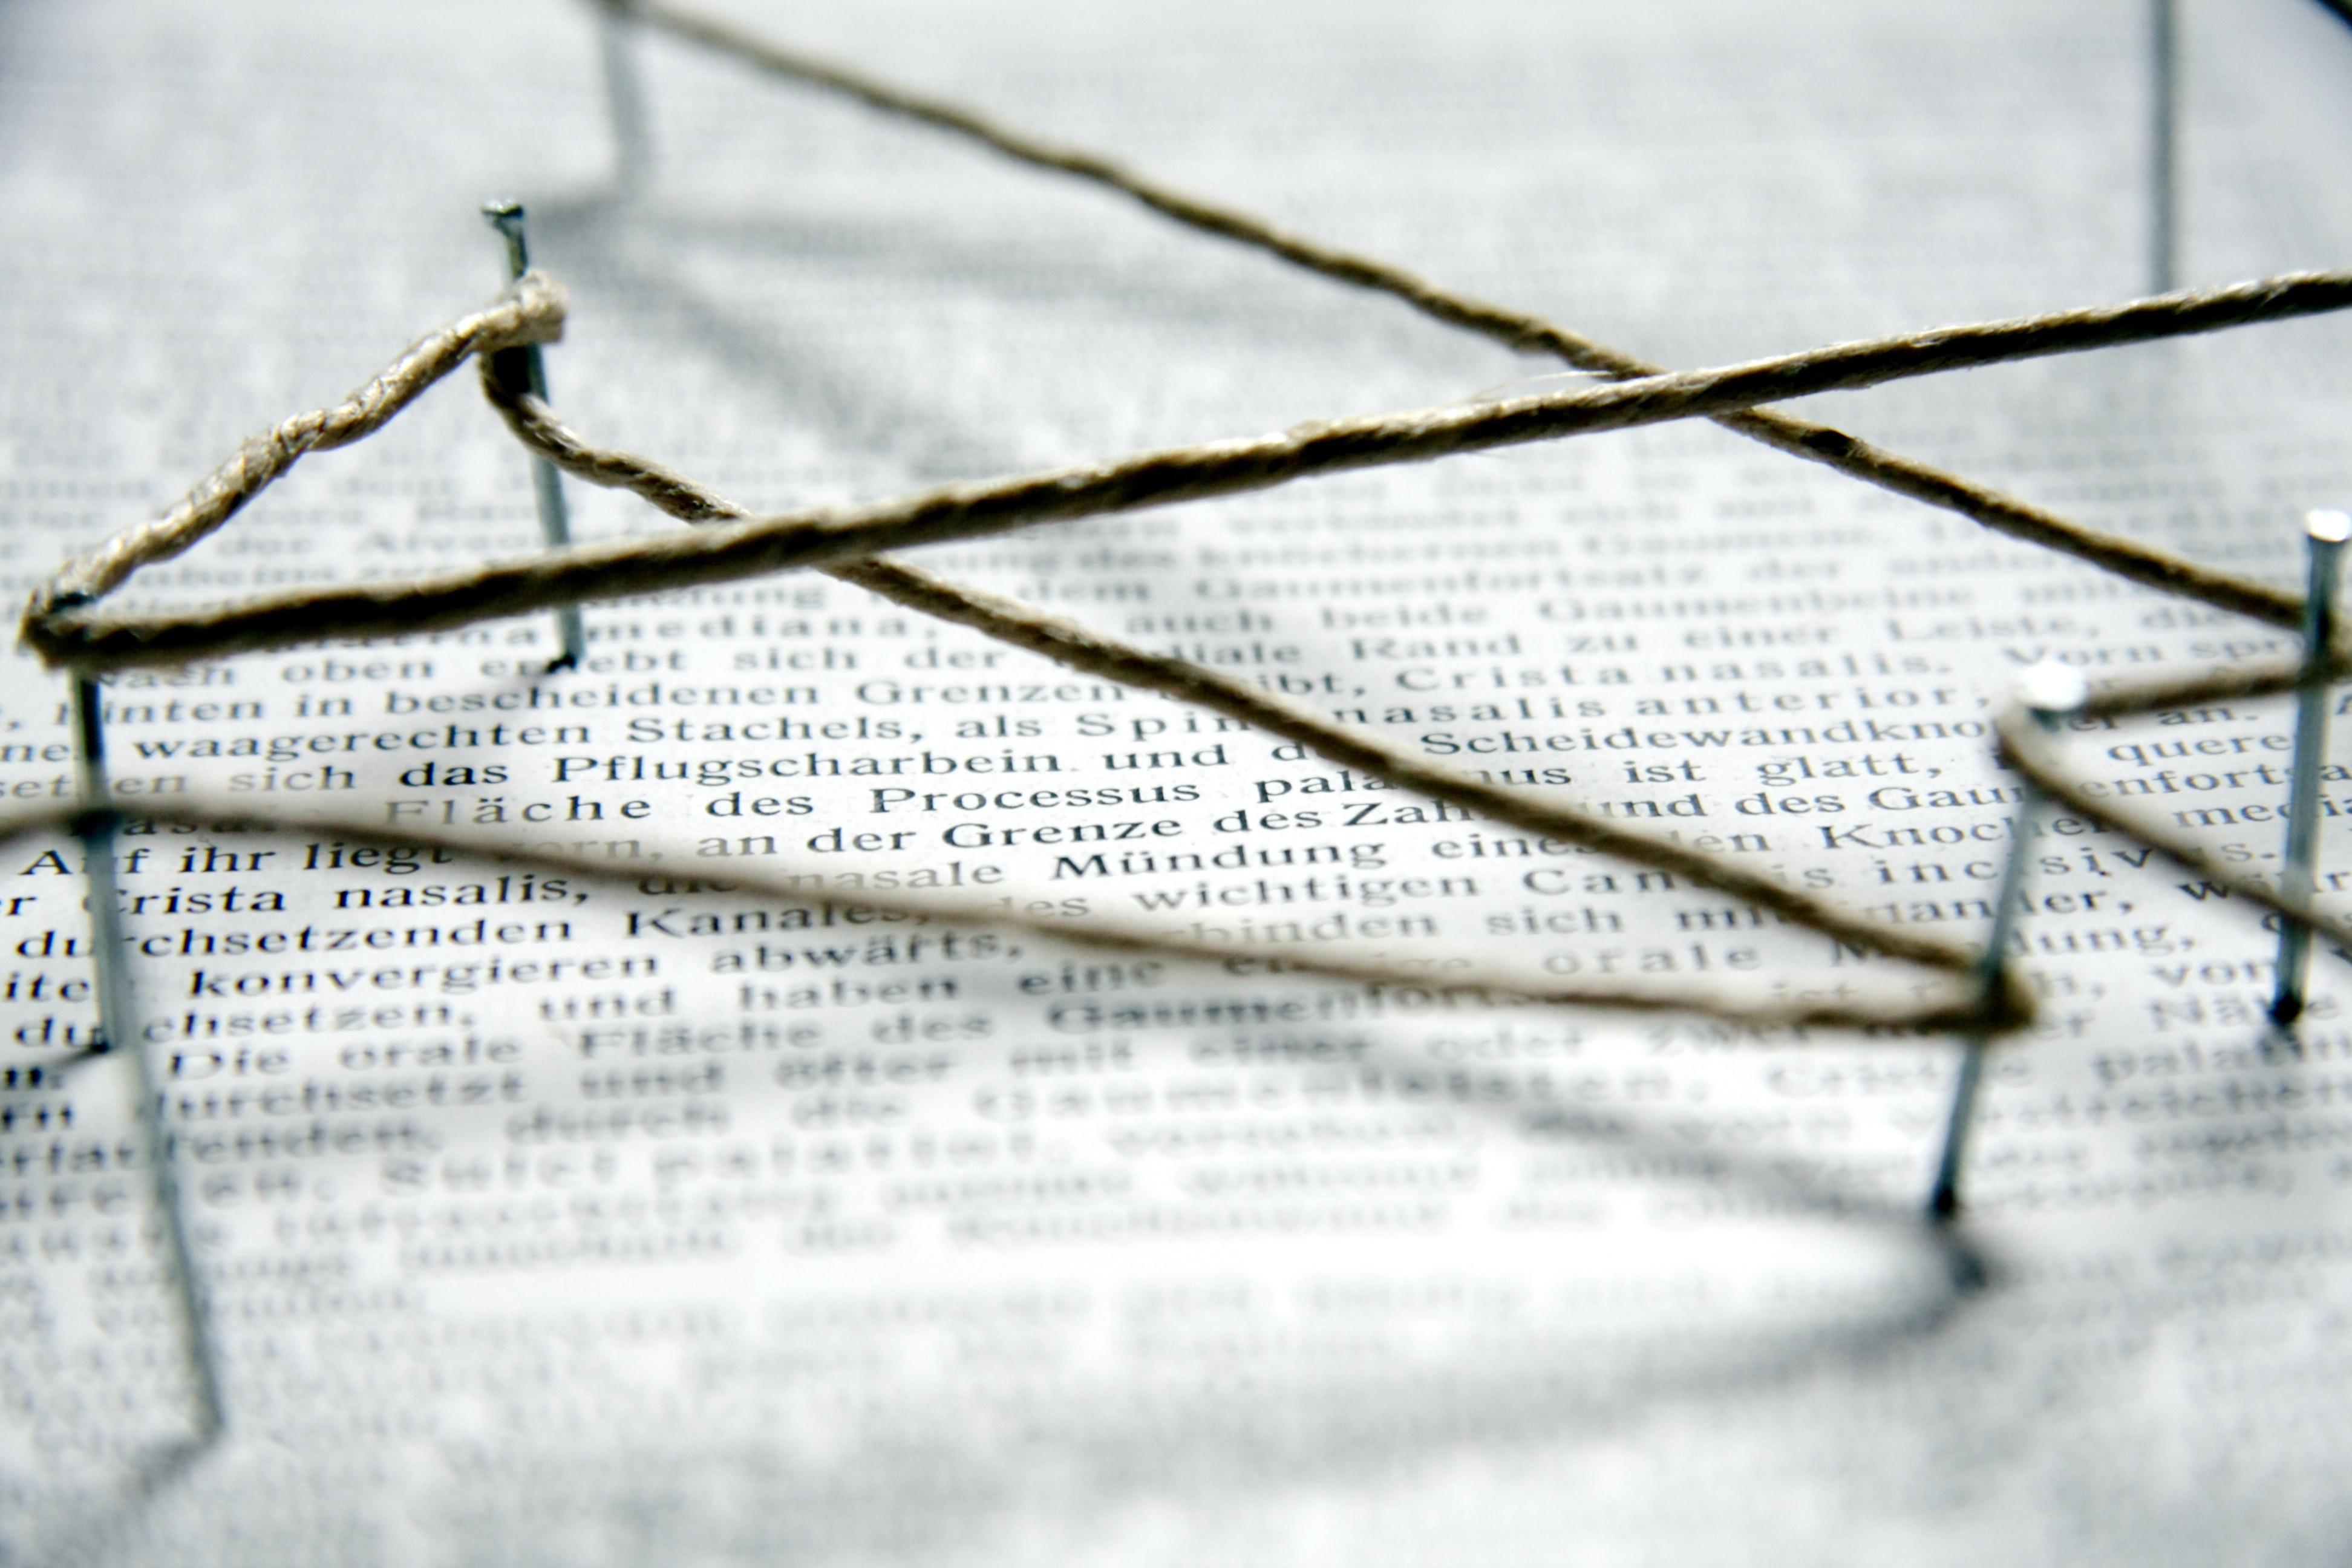 Nagelbild Symbolbild wissenschaftliche Netzwerke